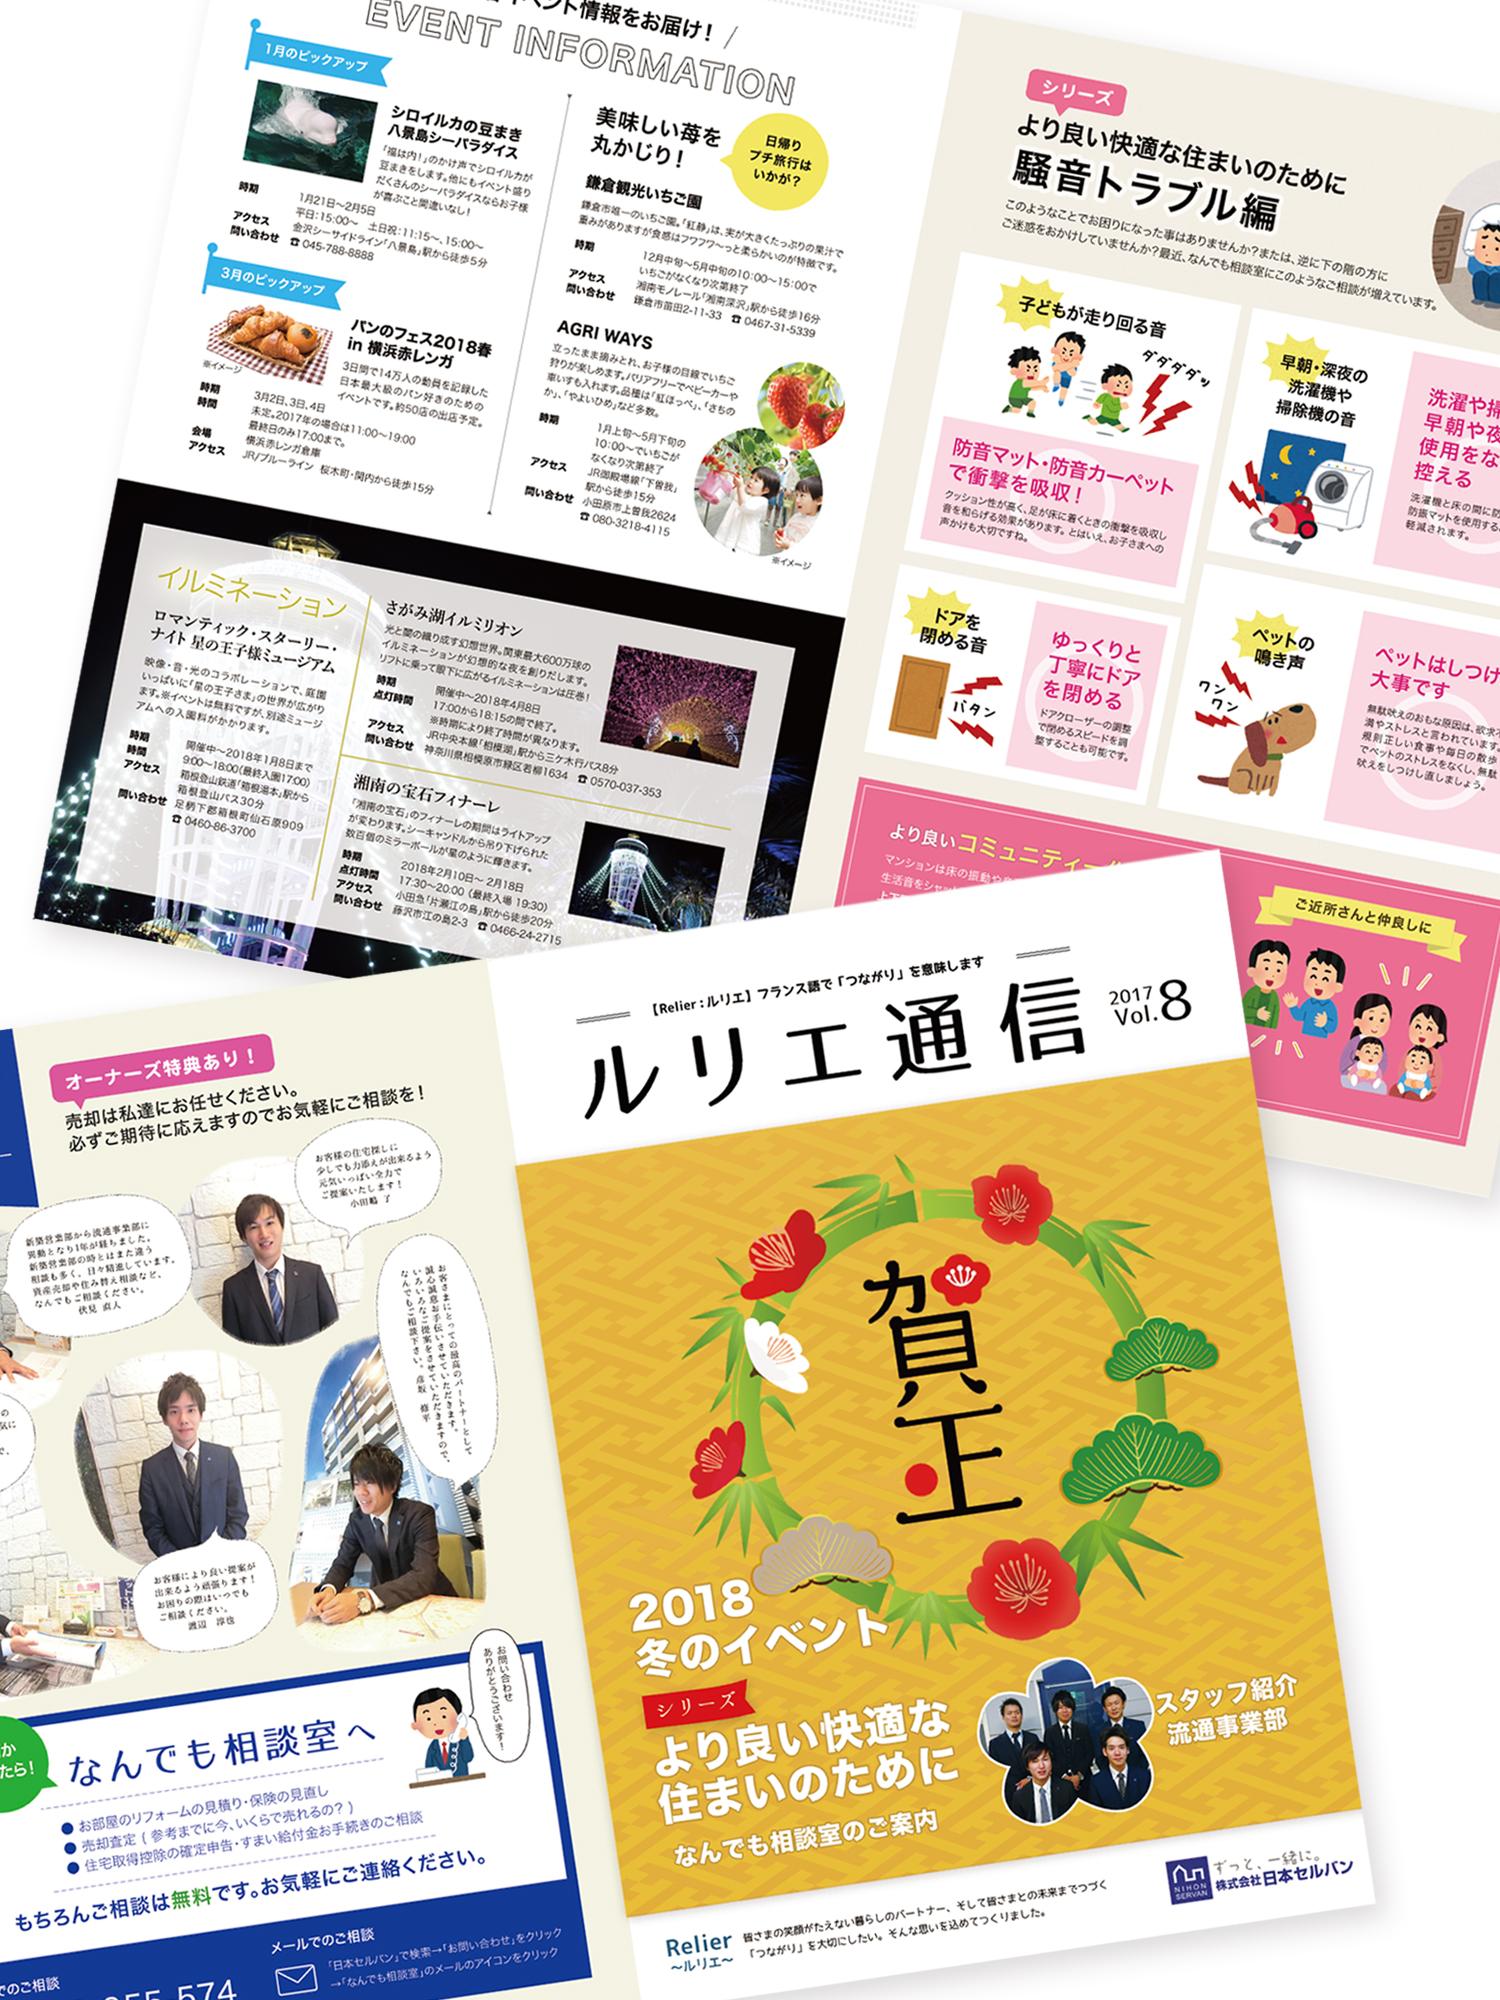 株式会社日本セルバンさま ルリエ通信Vol.8